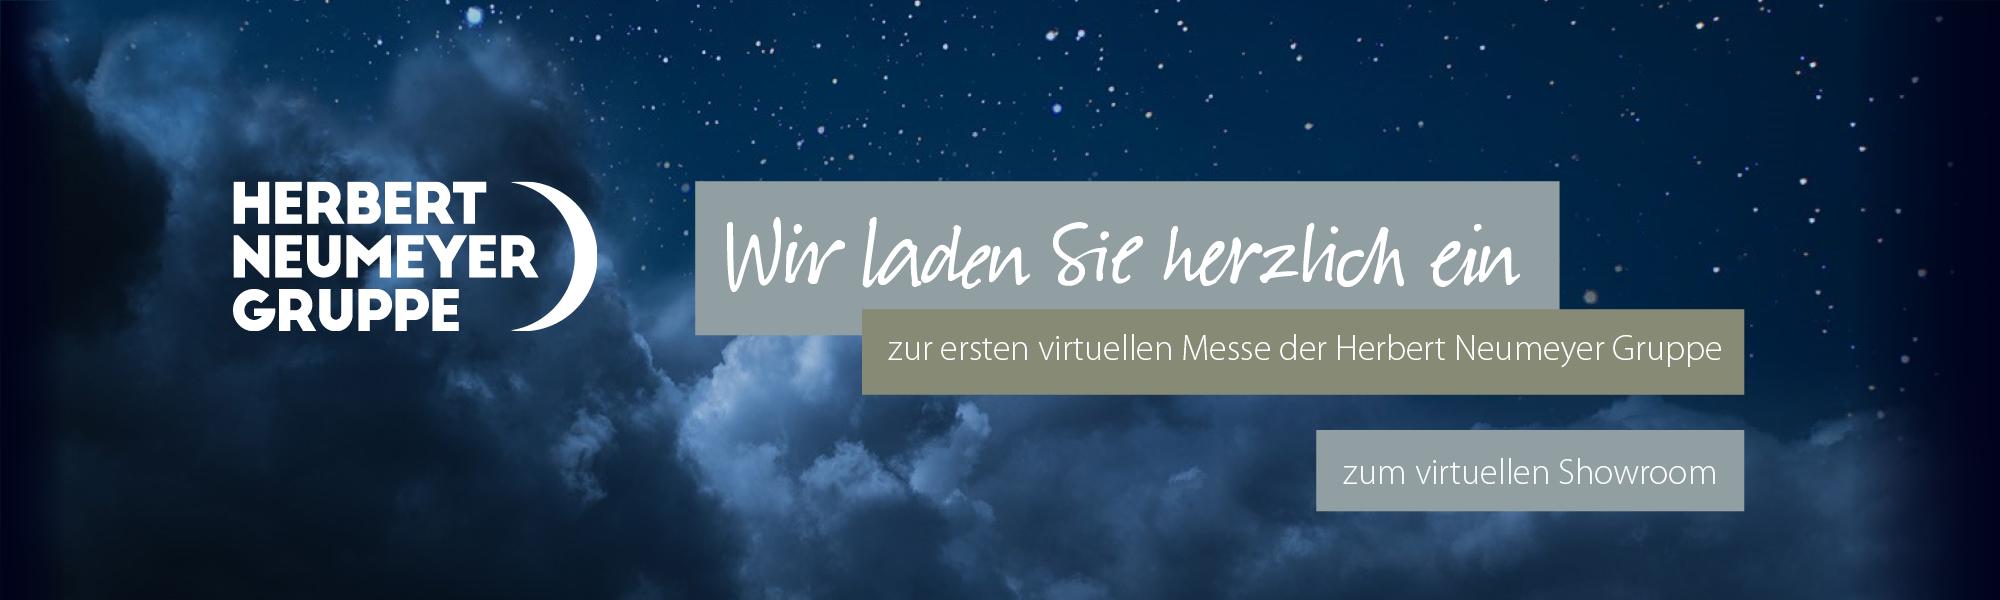 Einladung zur virtuellen Messe der Herbert Neumeyer Gruppe